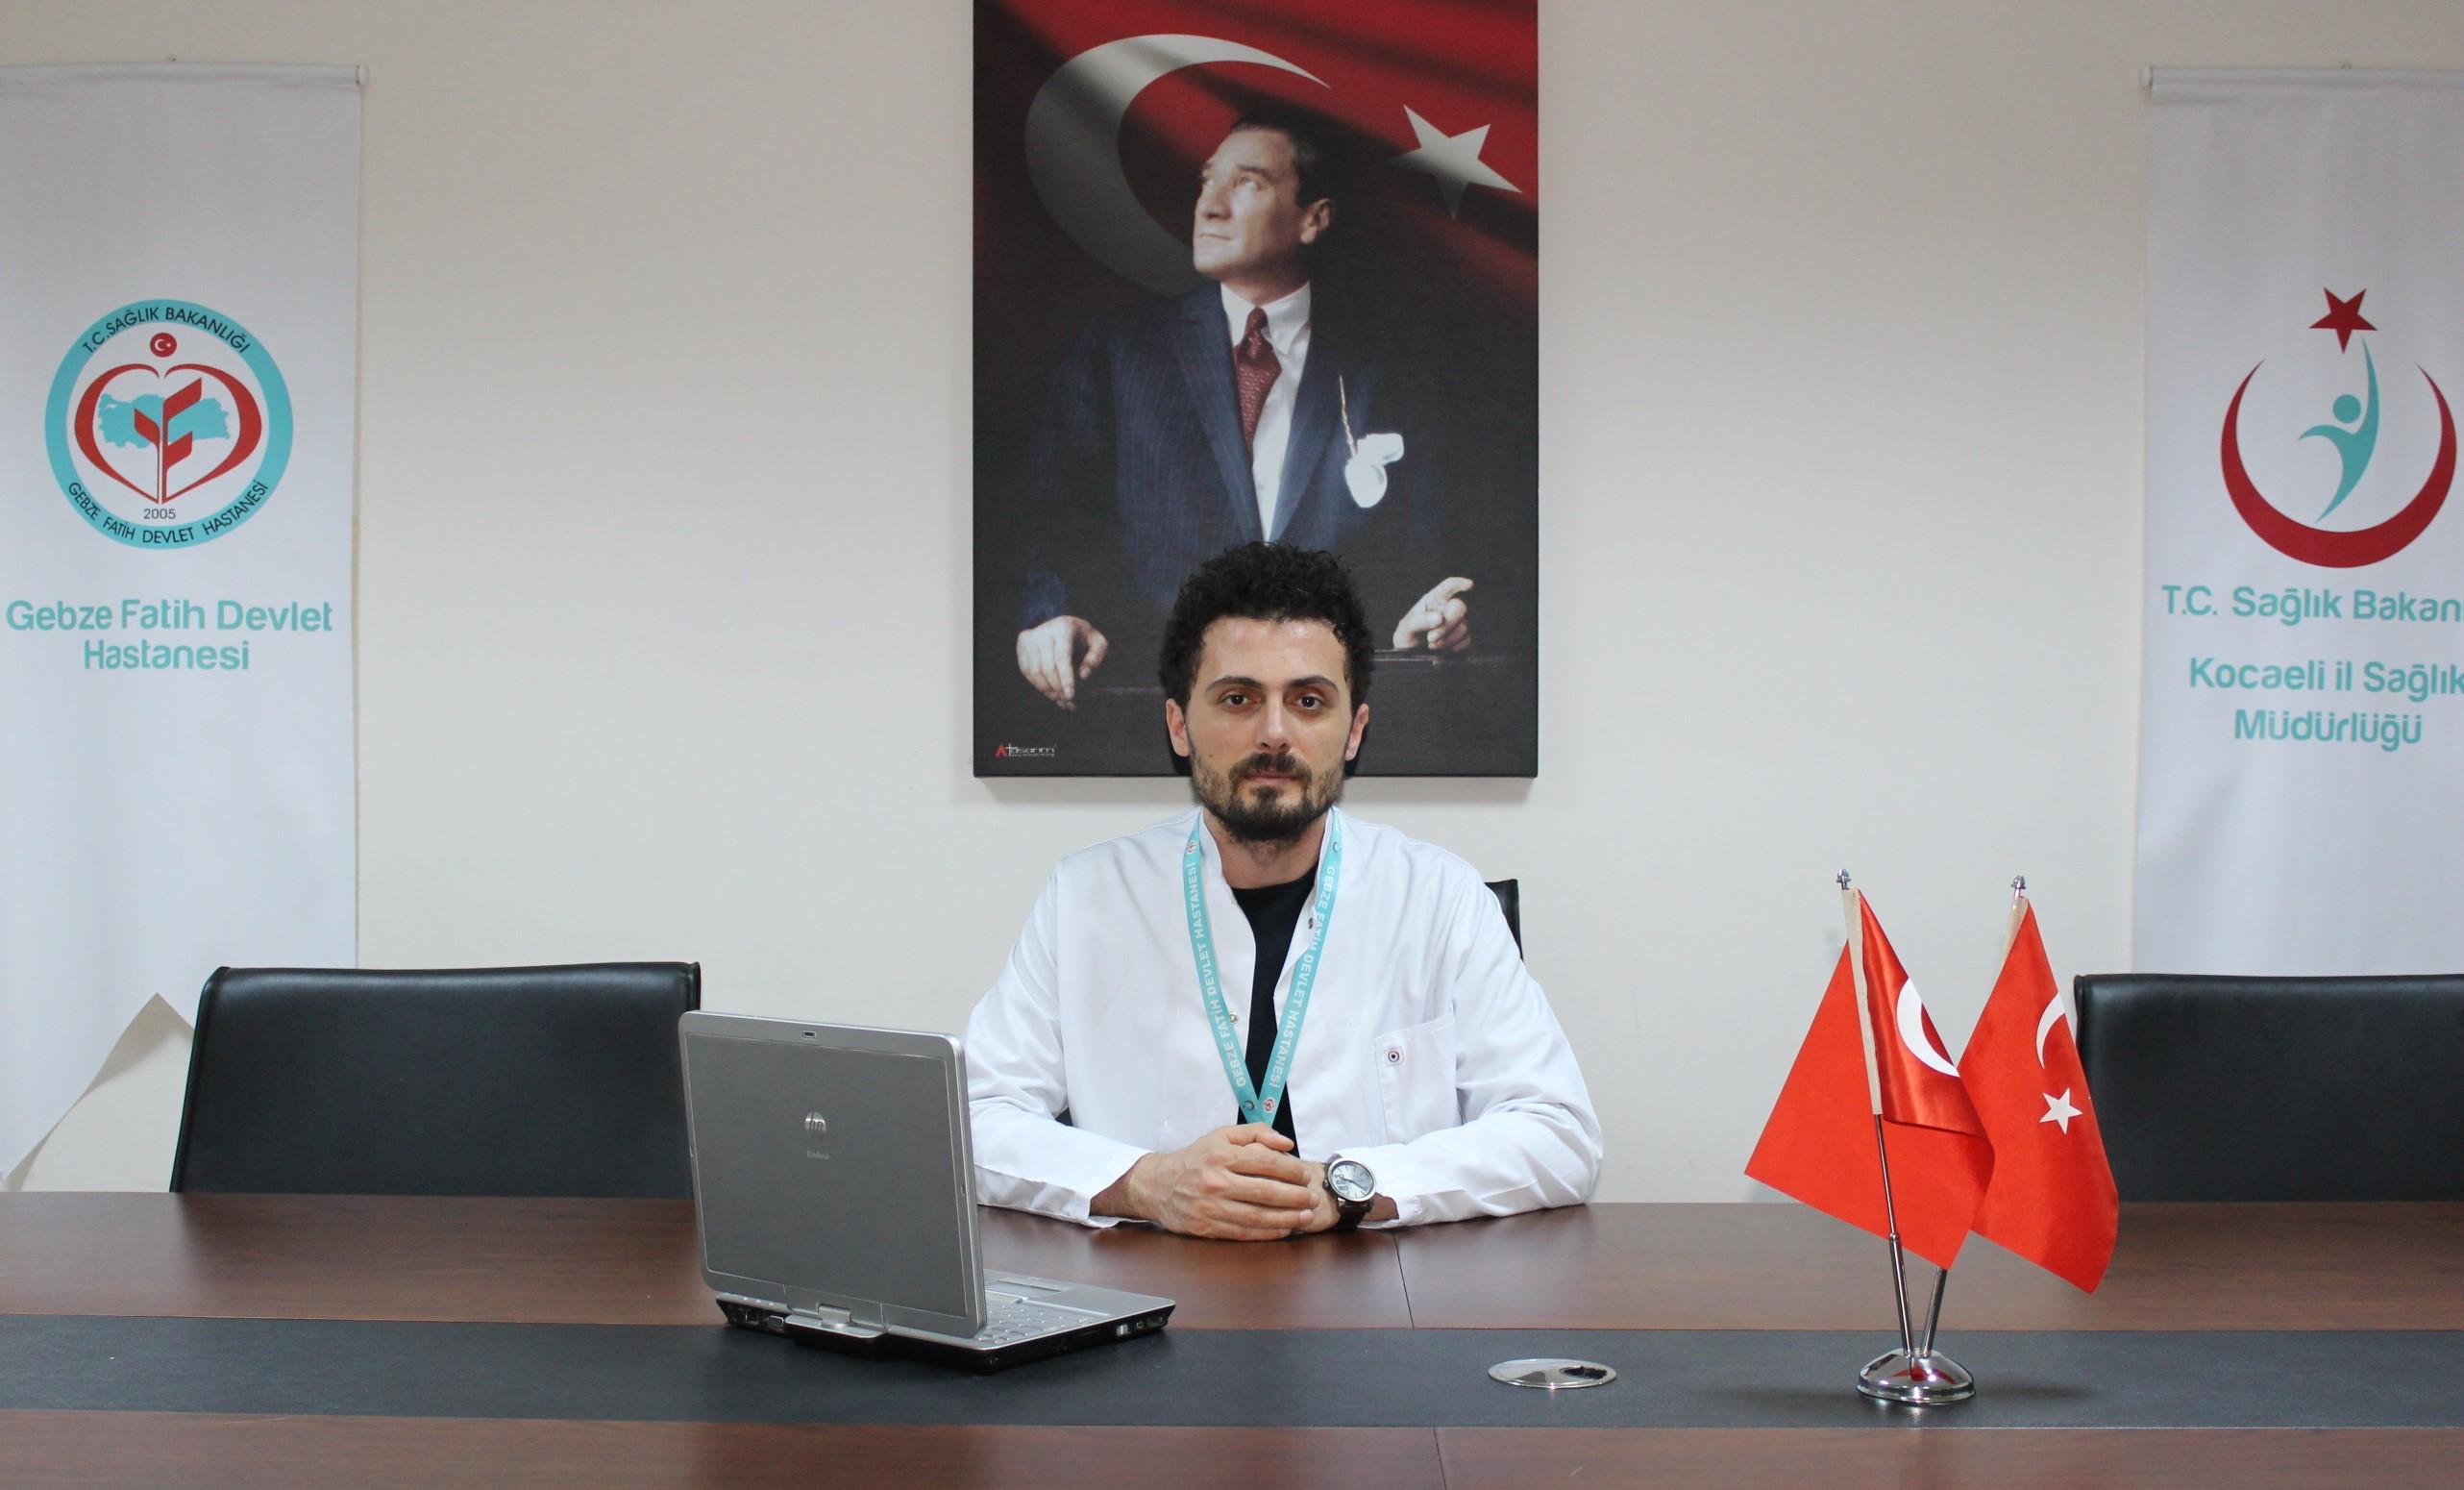 Fatih devlete iki yeni doktor